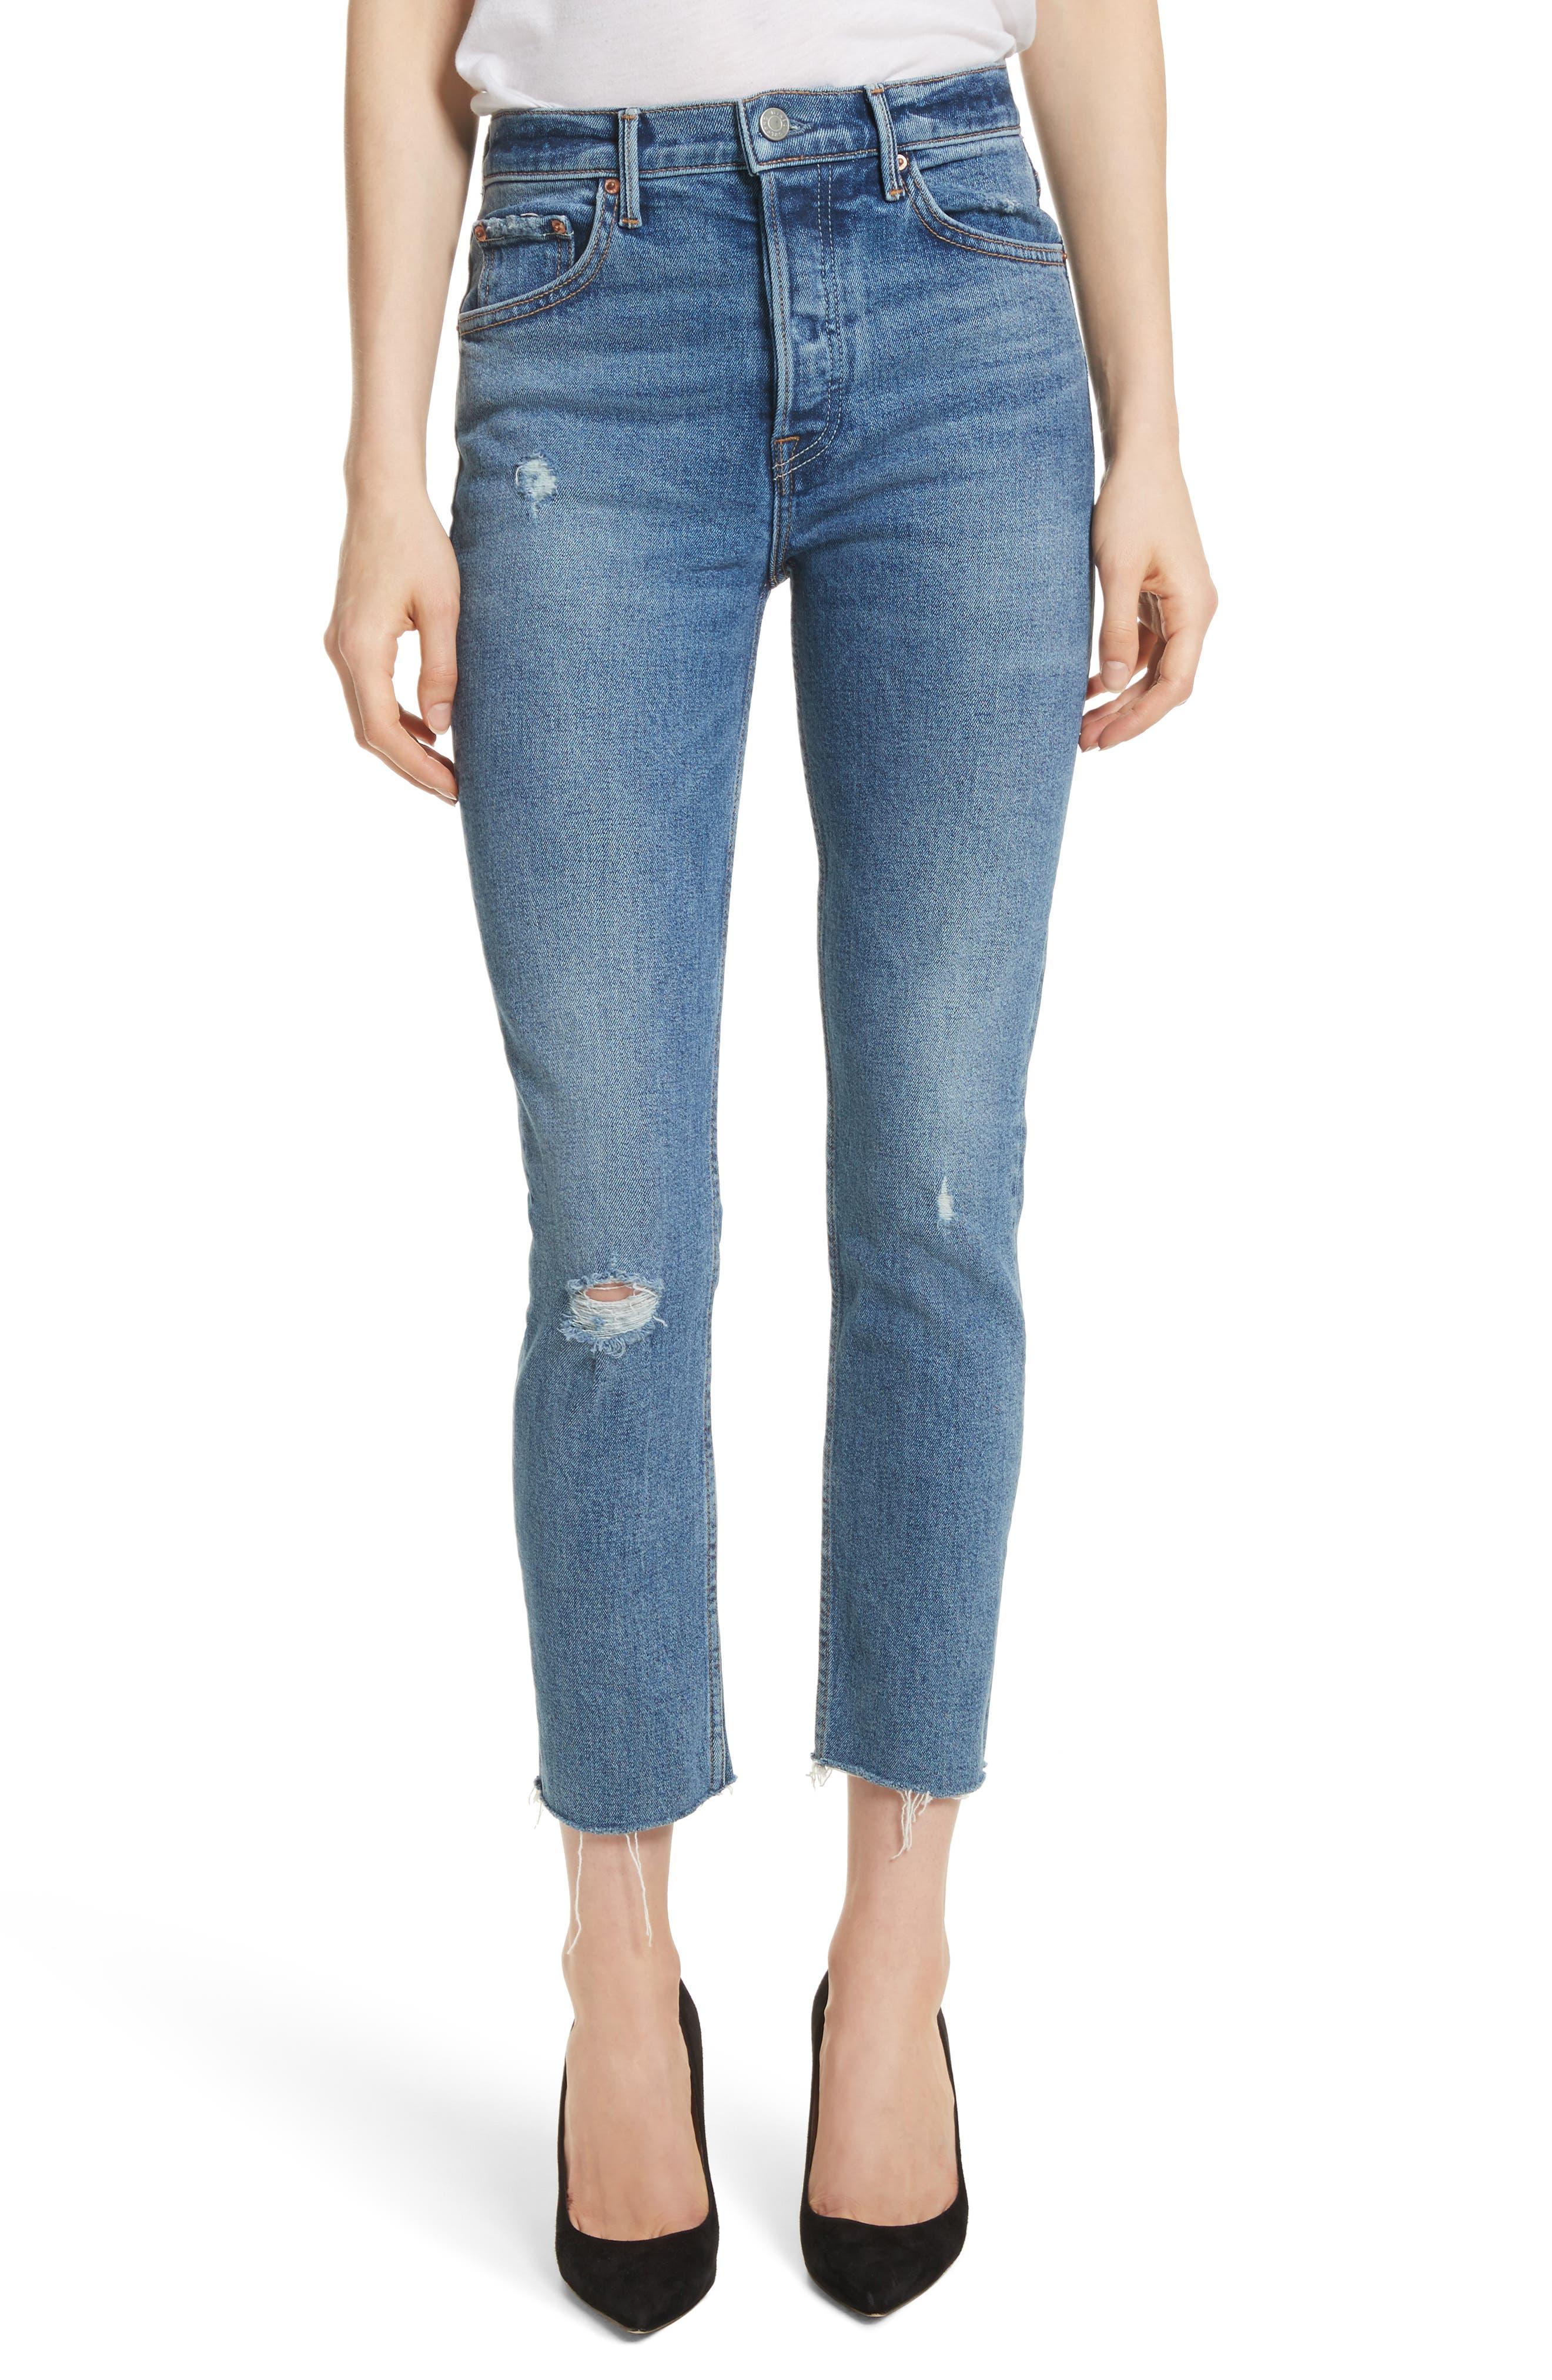 GRLFRND Karolina High Waist Skinny Jeans (Sixpence)